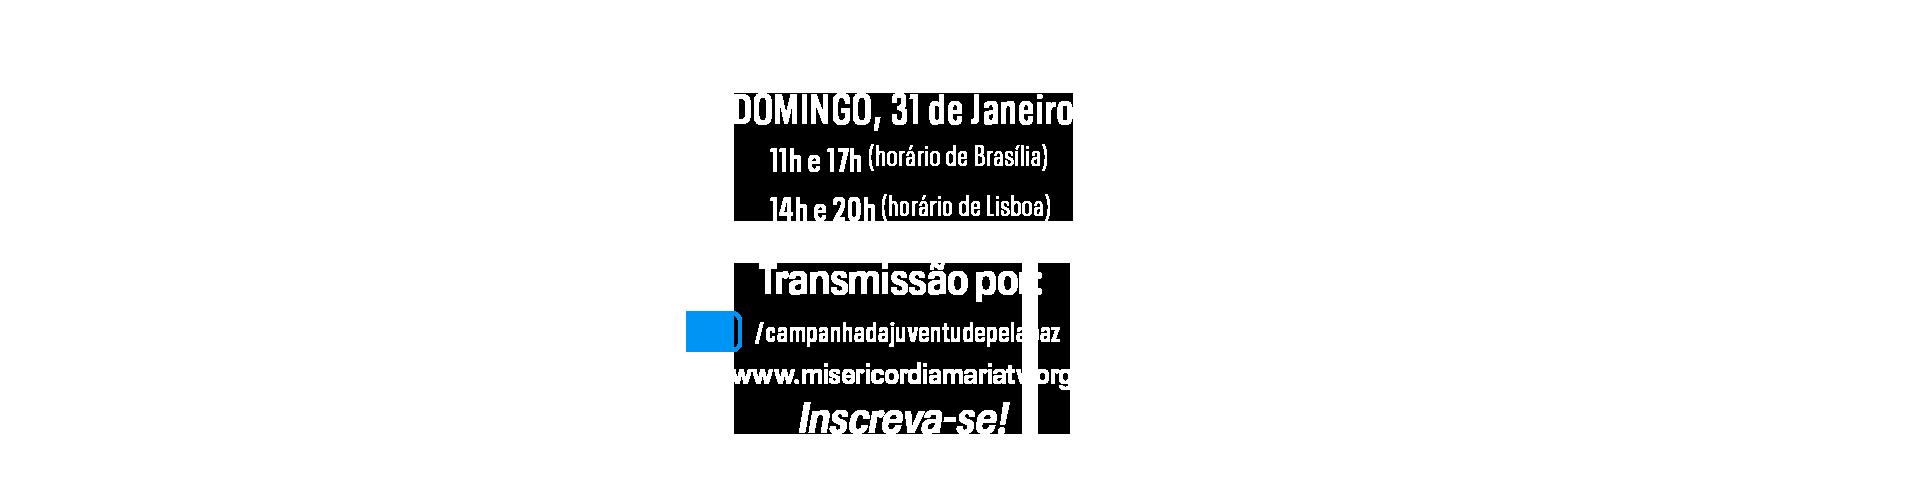 data_pt-banner_ii-fjp-online.png